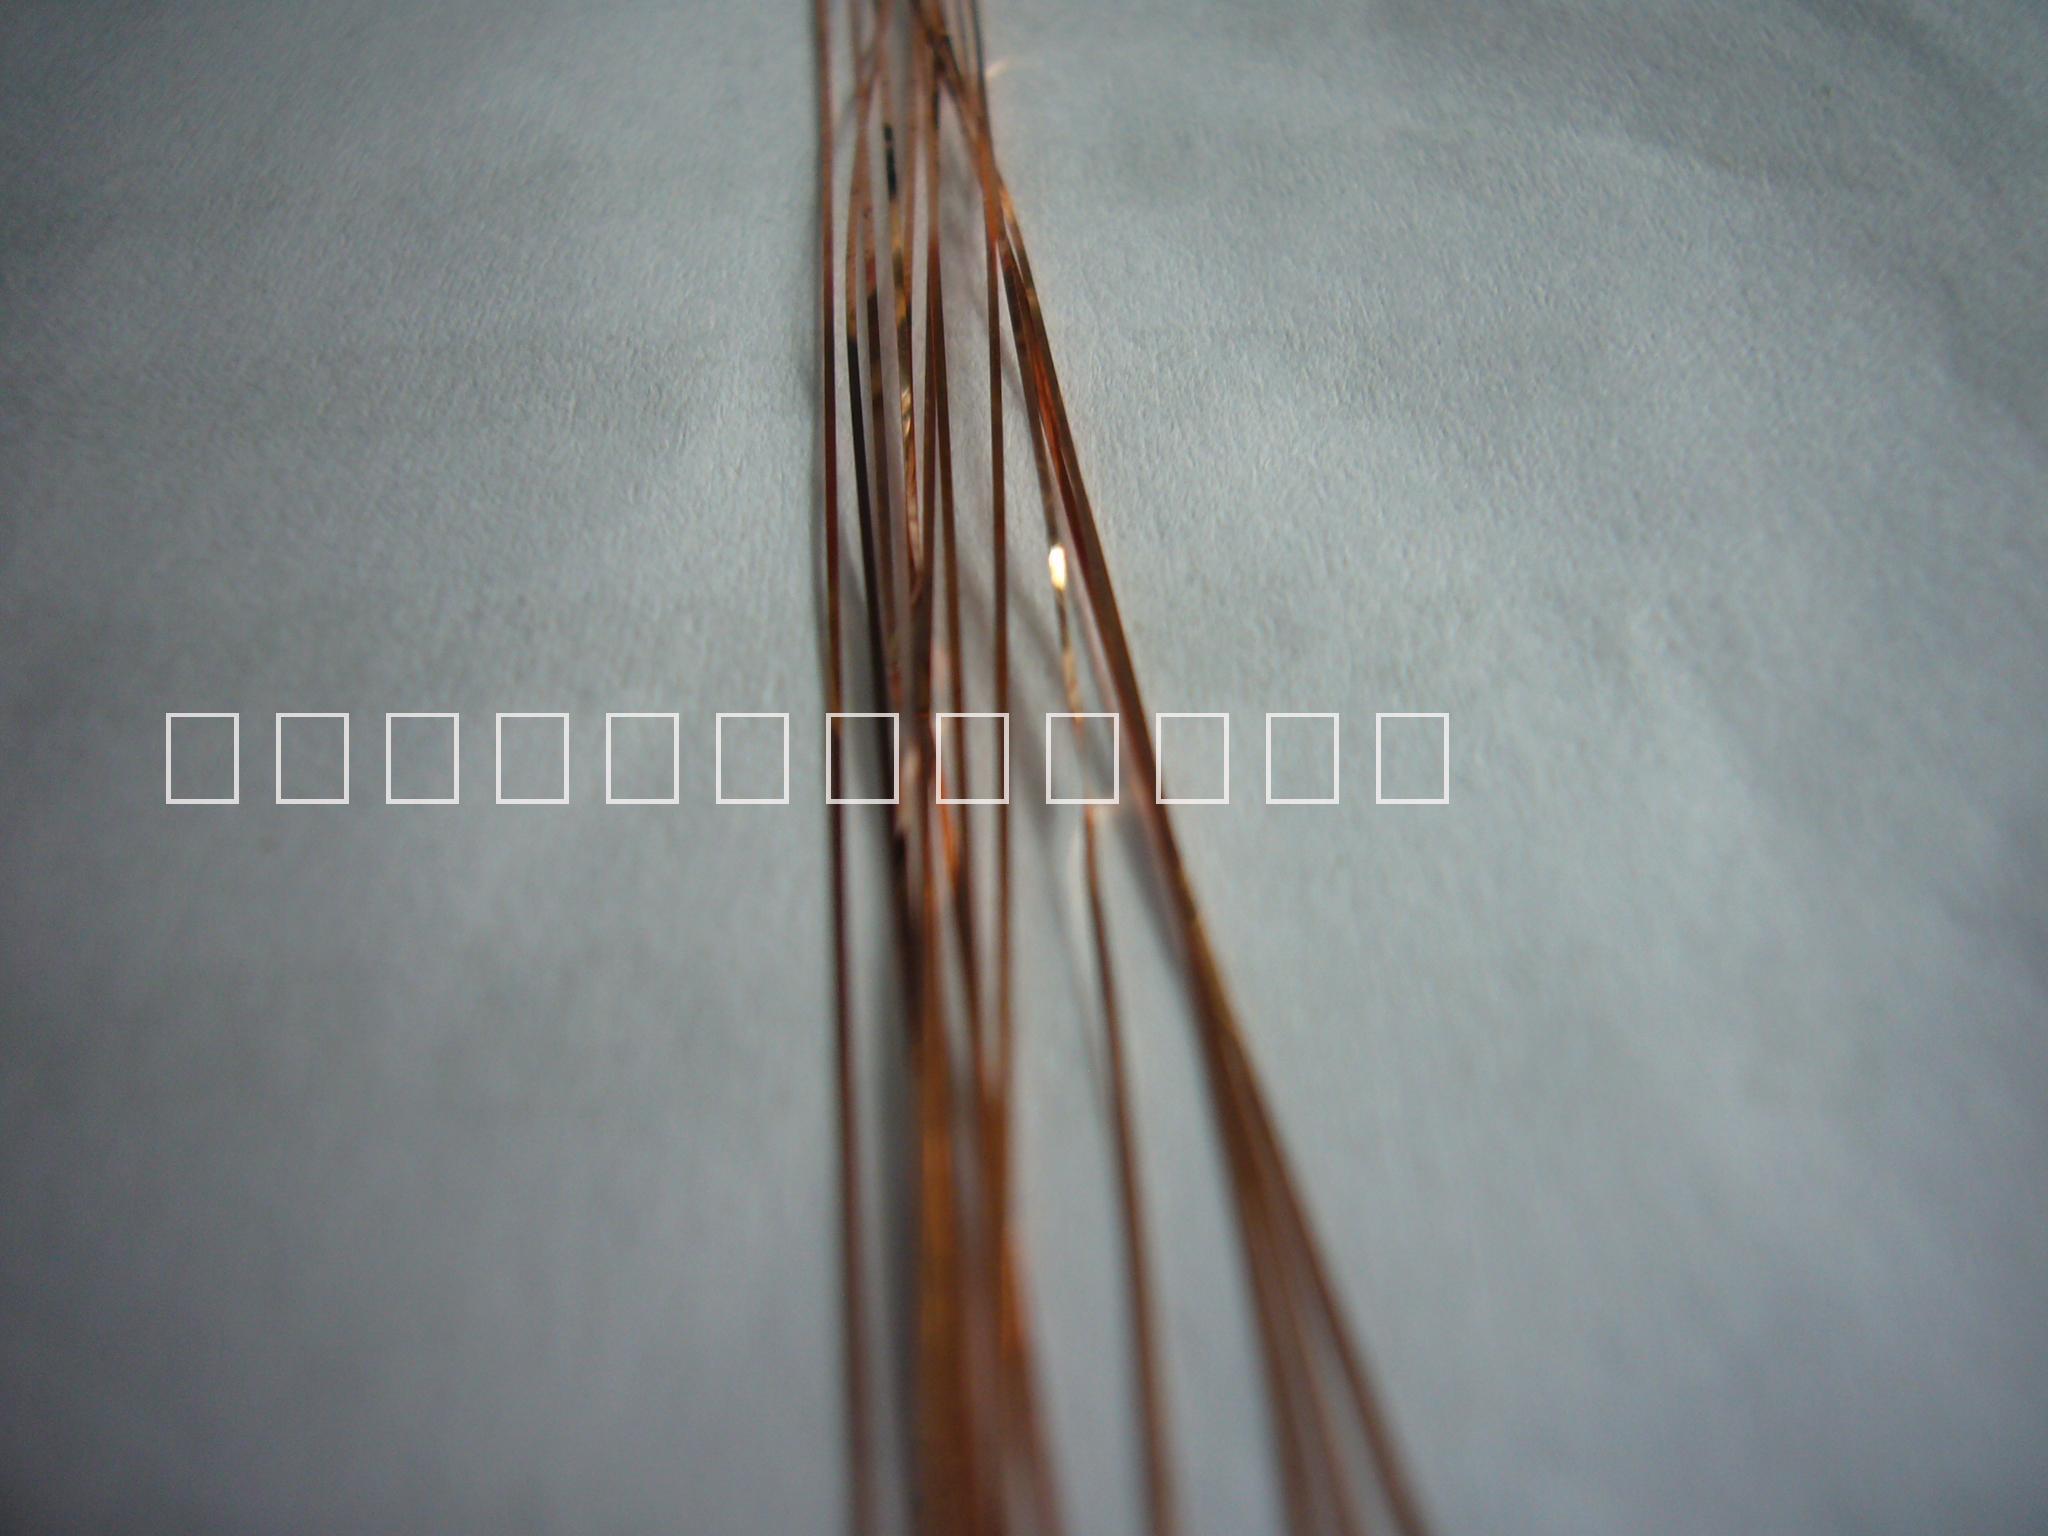 供应扁铜丝 铜扁线